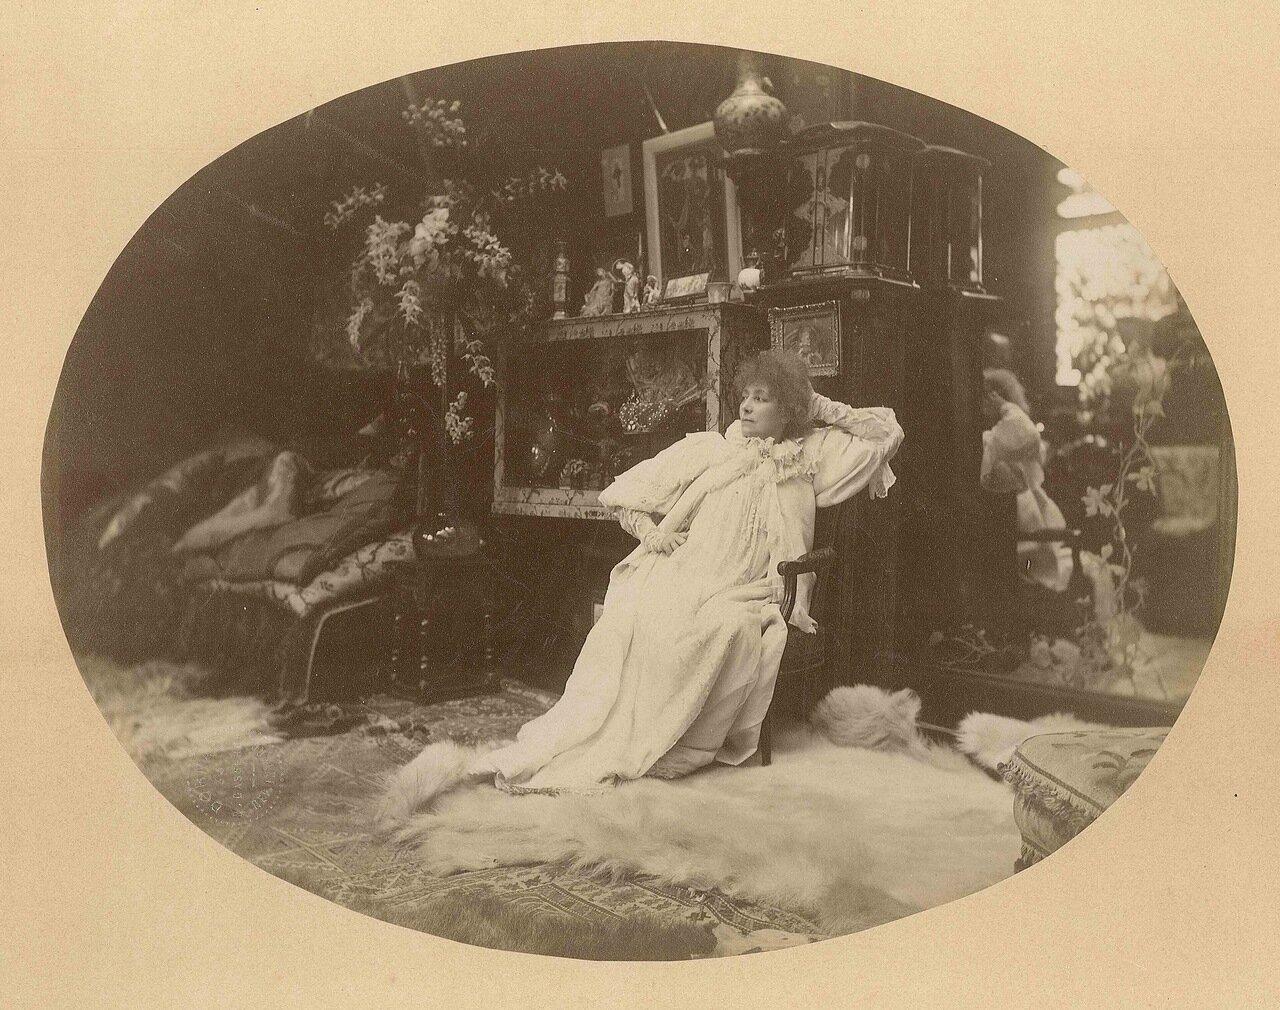 Сара Бернар (22 октября 1844 — 26 марта 1923, Париж), актриса